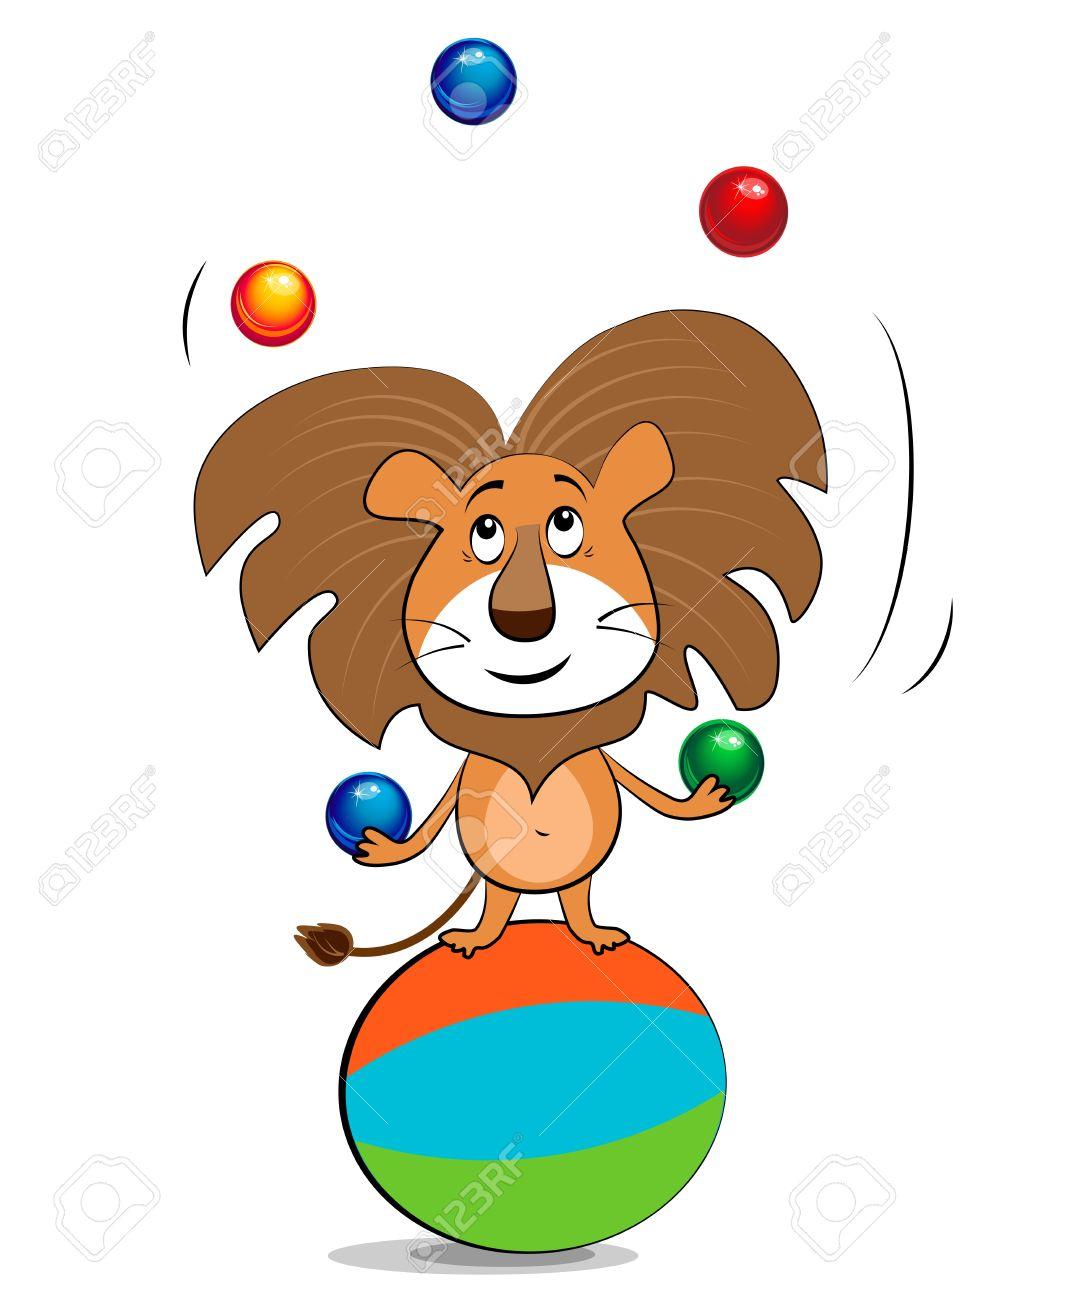 Lion juggling balls Illustration-Lion juggling balls Illustration-8